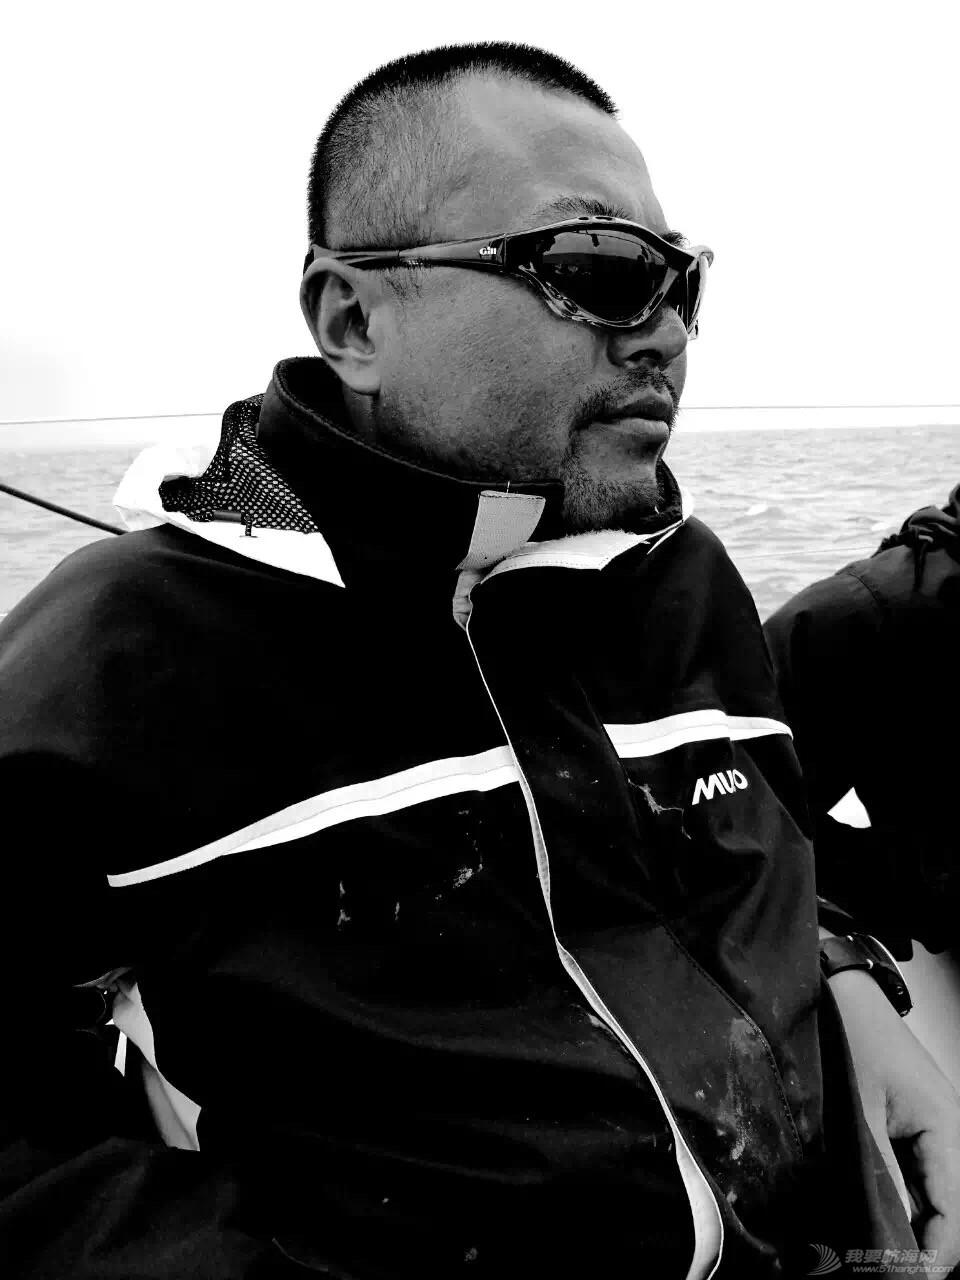 拉力赛,渤海,帆船 记环渤海帆船拉力赛 IMG_0929.jpg